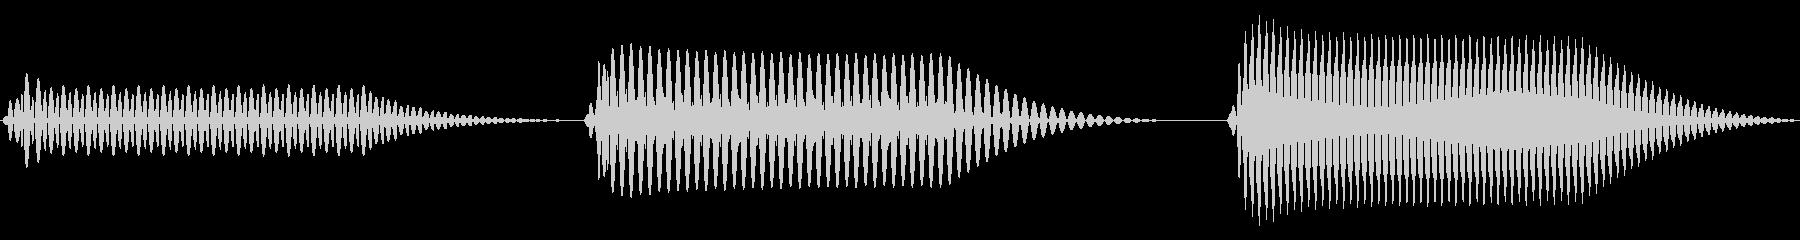 往年のRPG風 コマンド音 シリーズ 9の未再生の波形